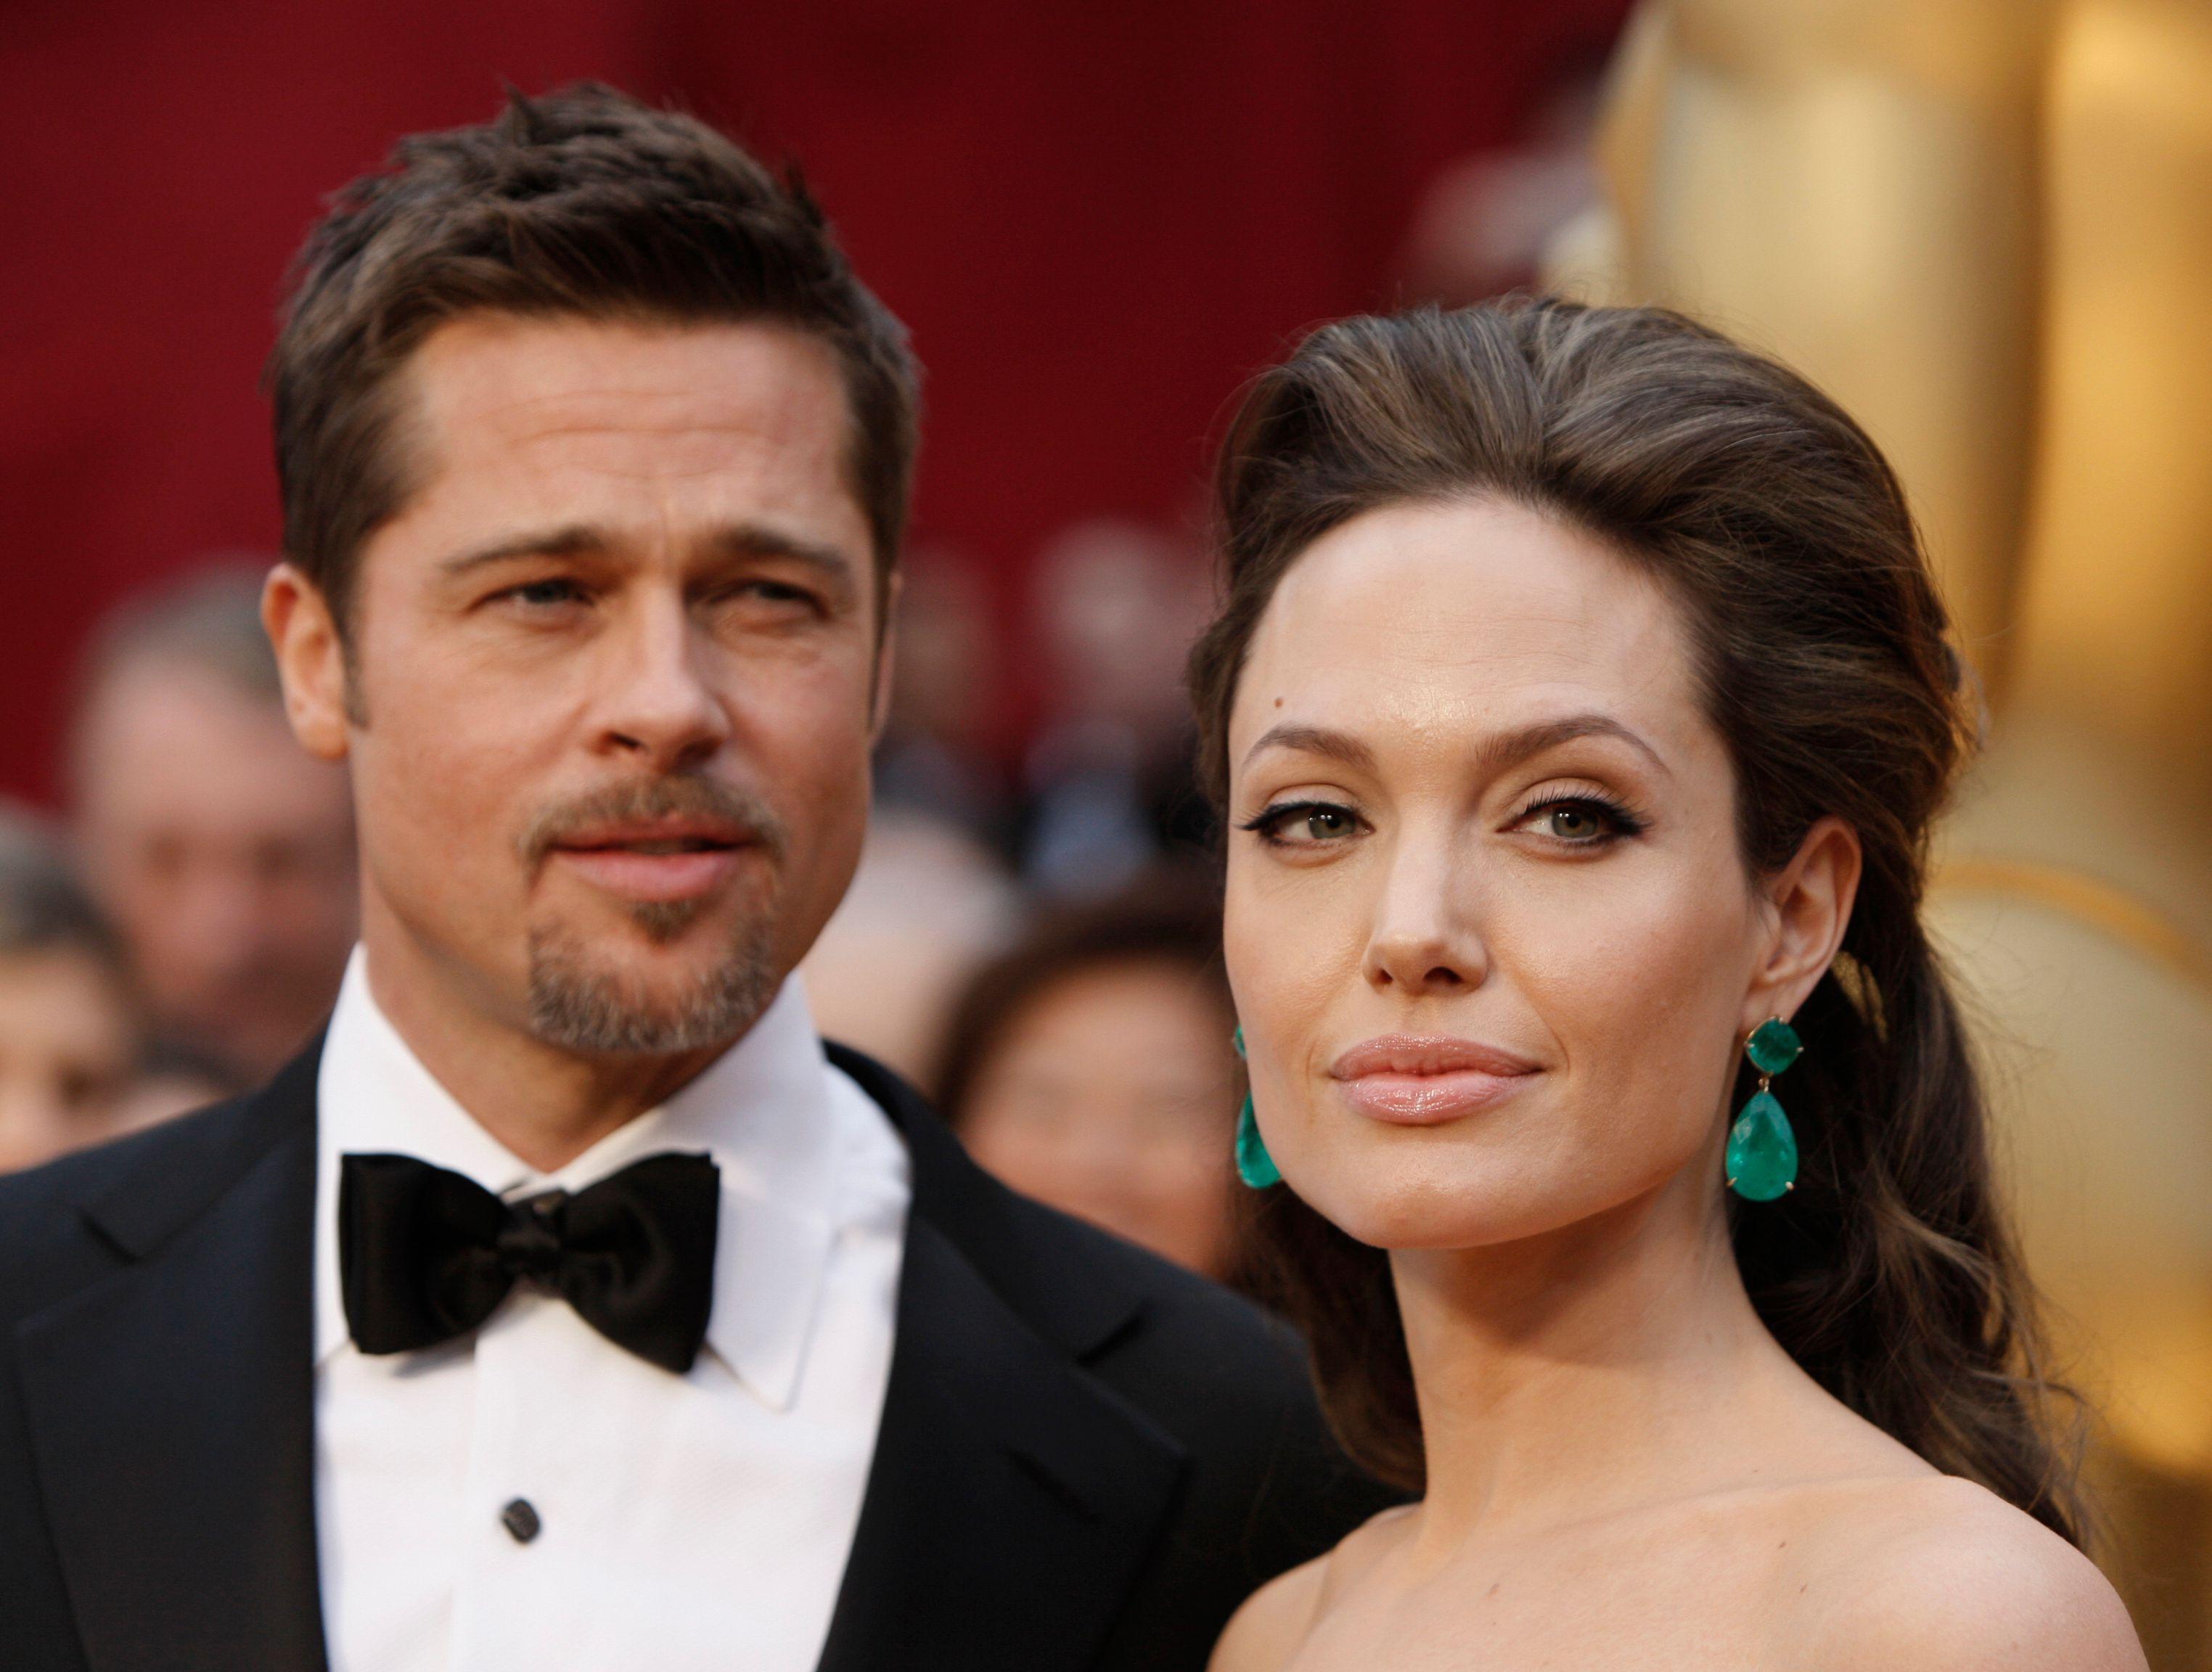 Met On Set: Celebrities Who Broke Up Relationships